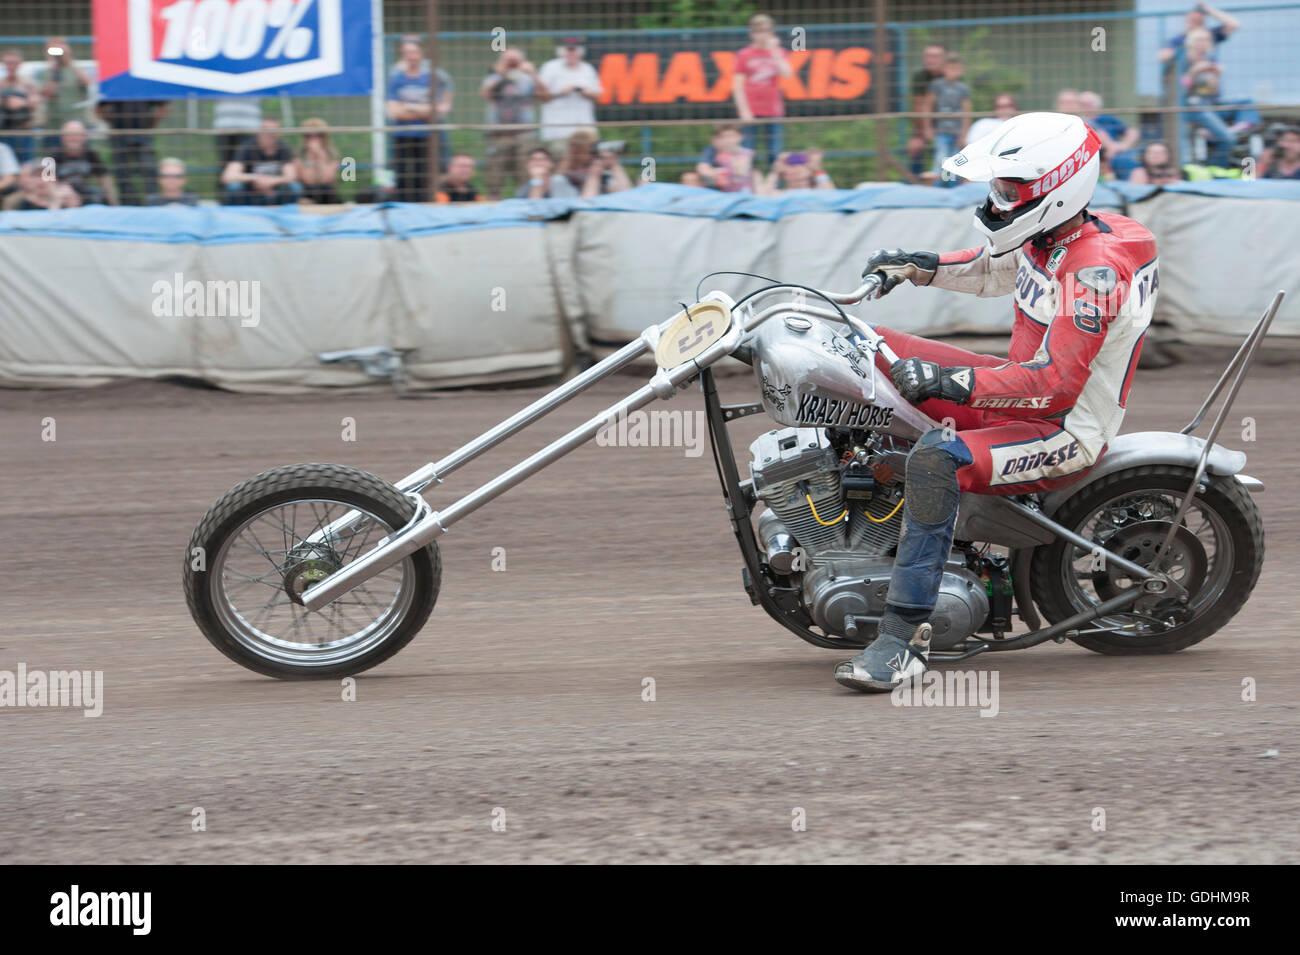 Ducati Mechanic Norfolk